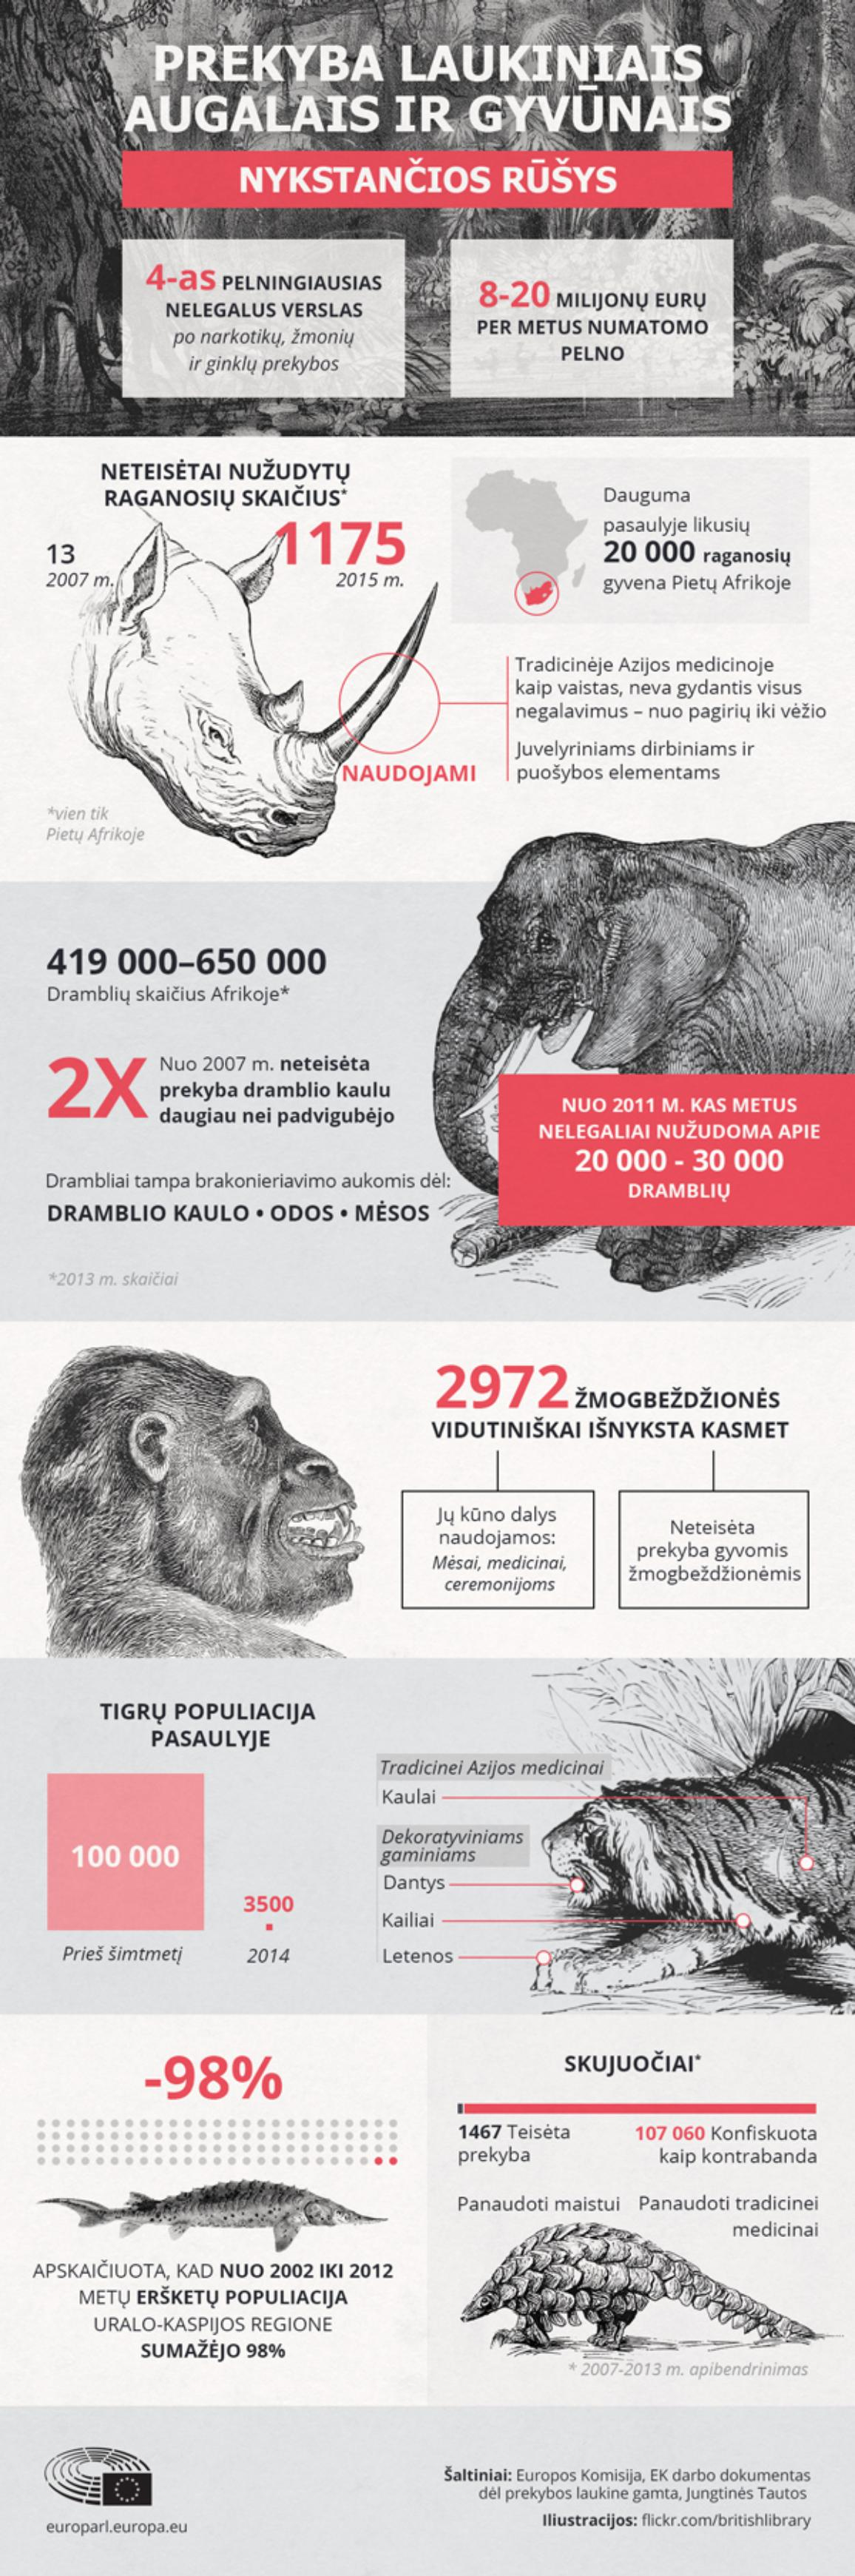 2010 metai - Tarptautiniai biologinės įvairovės metai